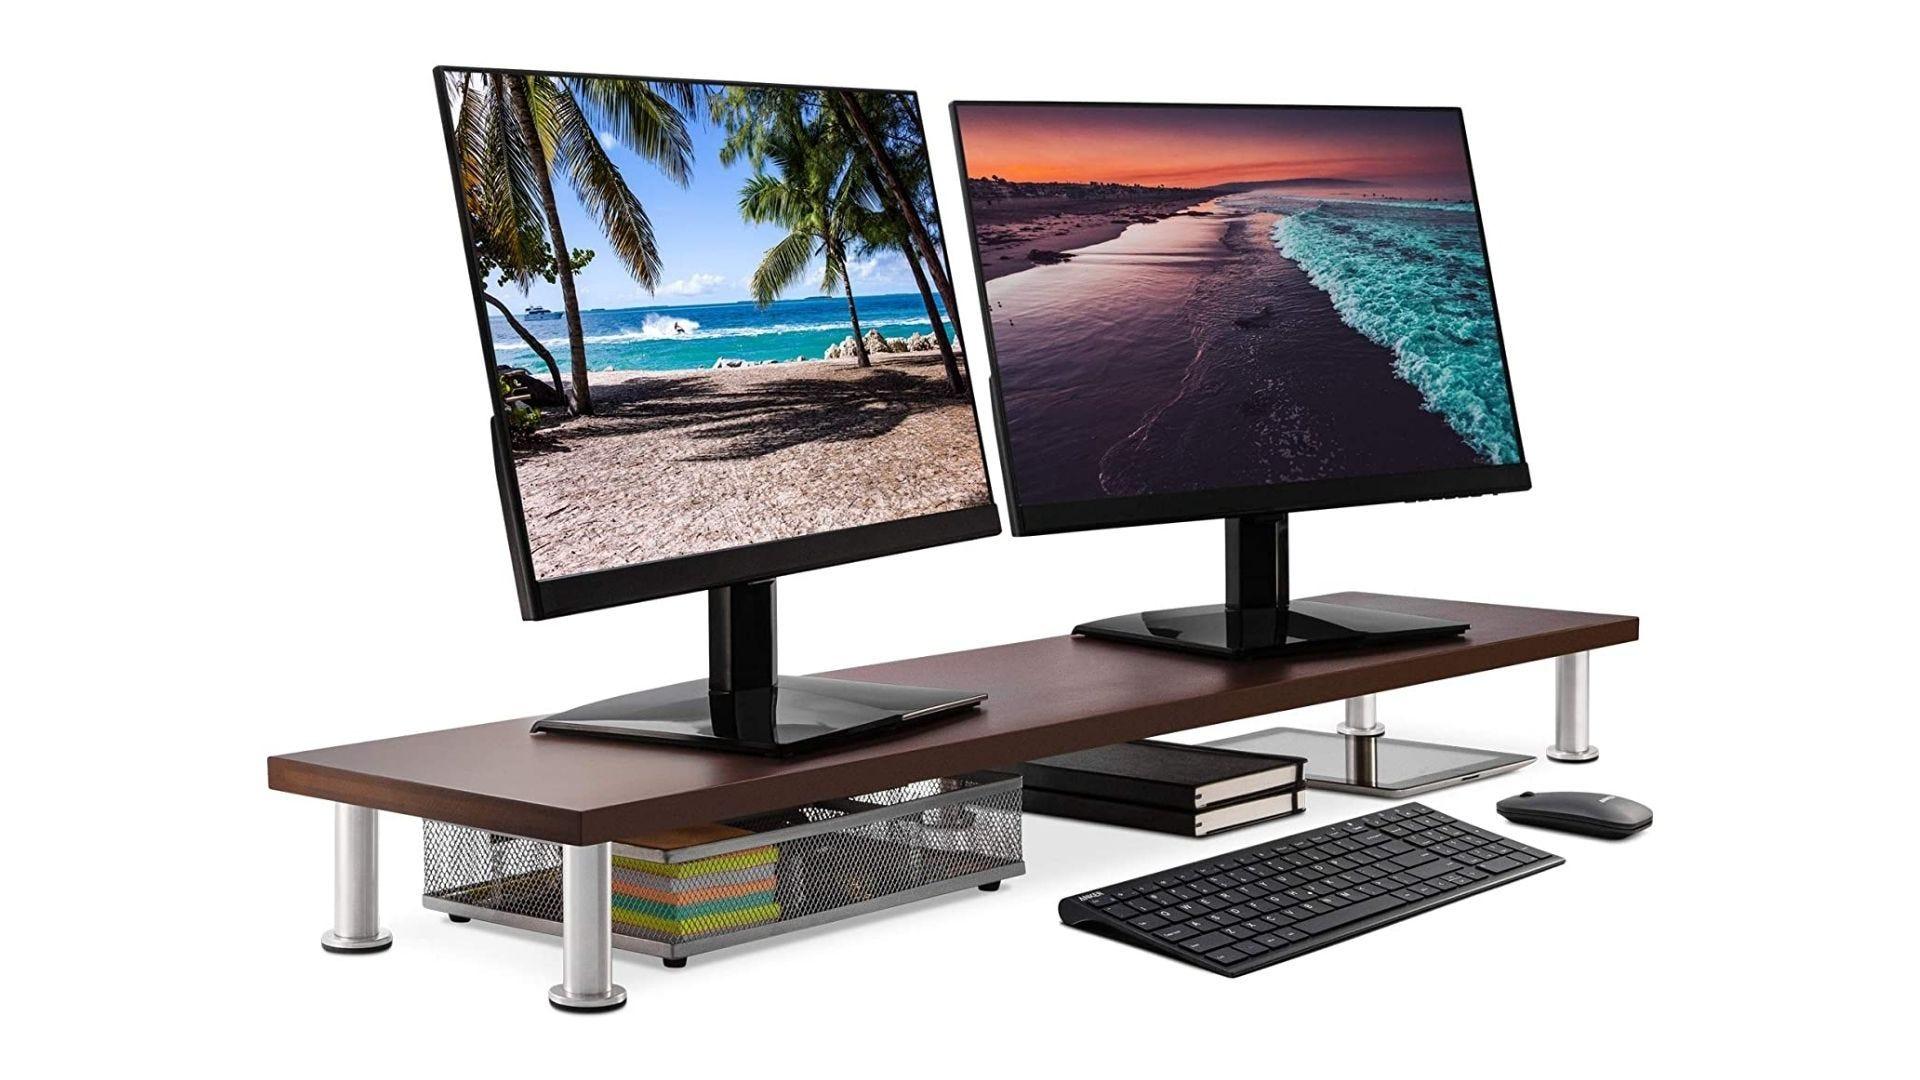 حامل شاشة مزدوج كبير من Office Oasis لشاشة الكمبيوتر